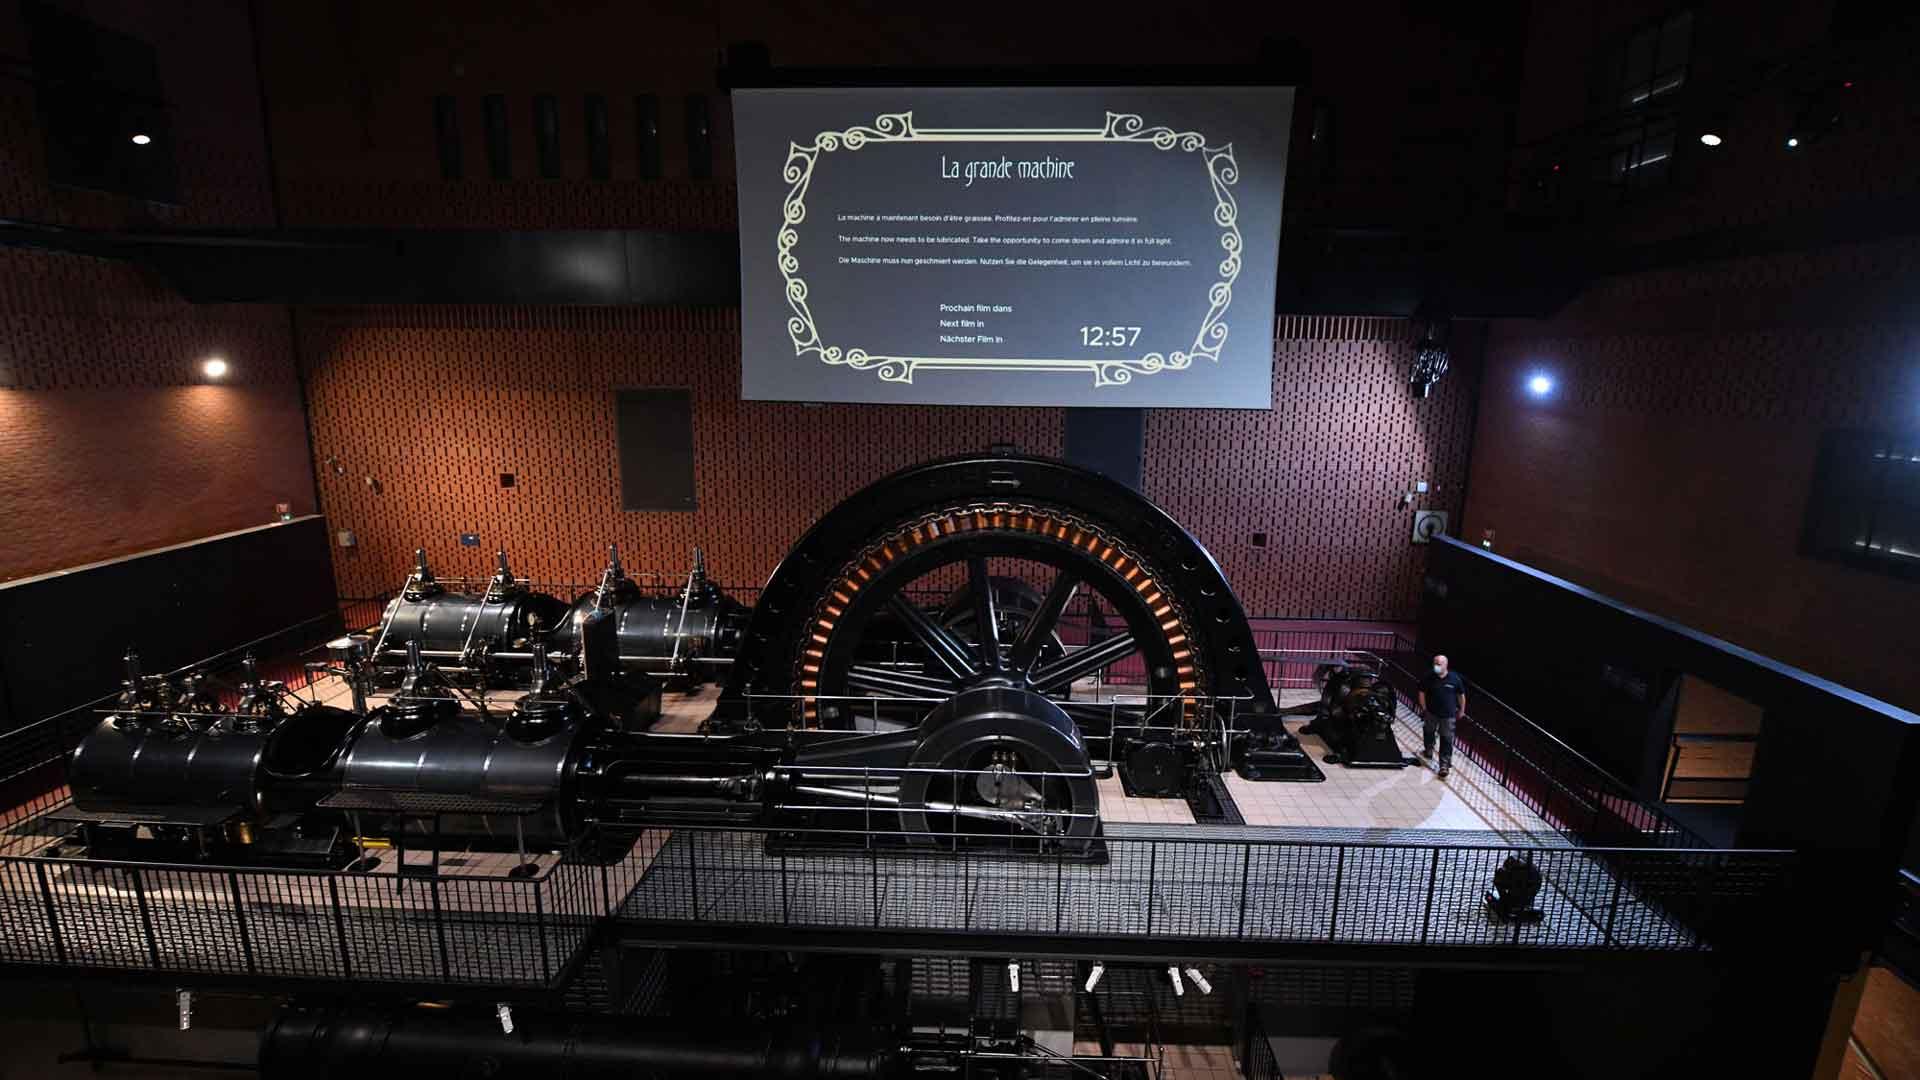 La fameuse Grande Machine Sulzer-BBC